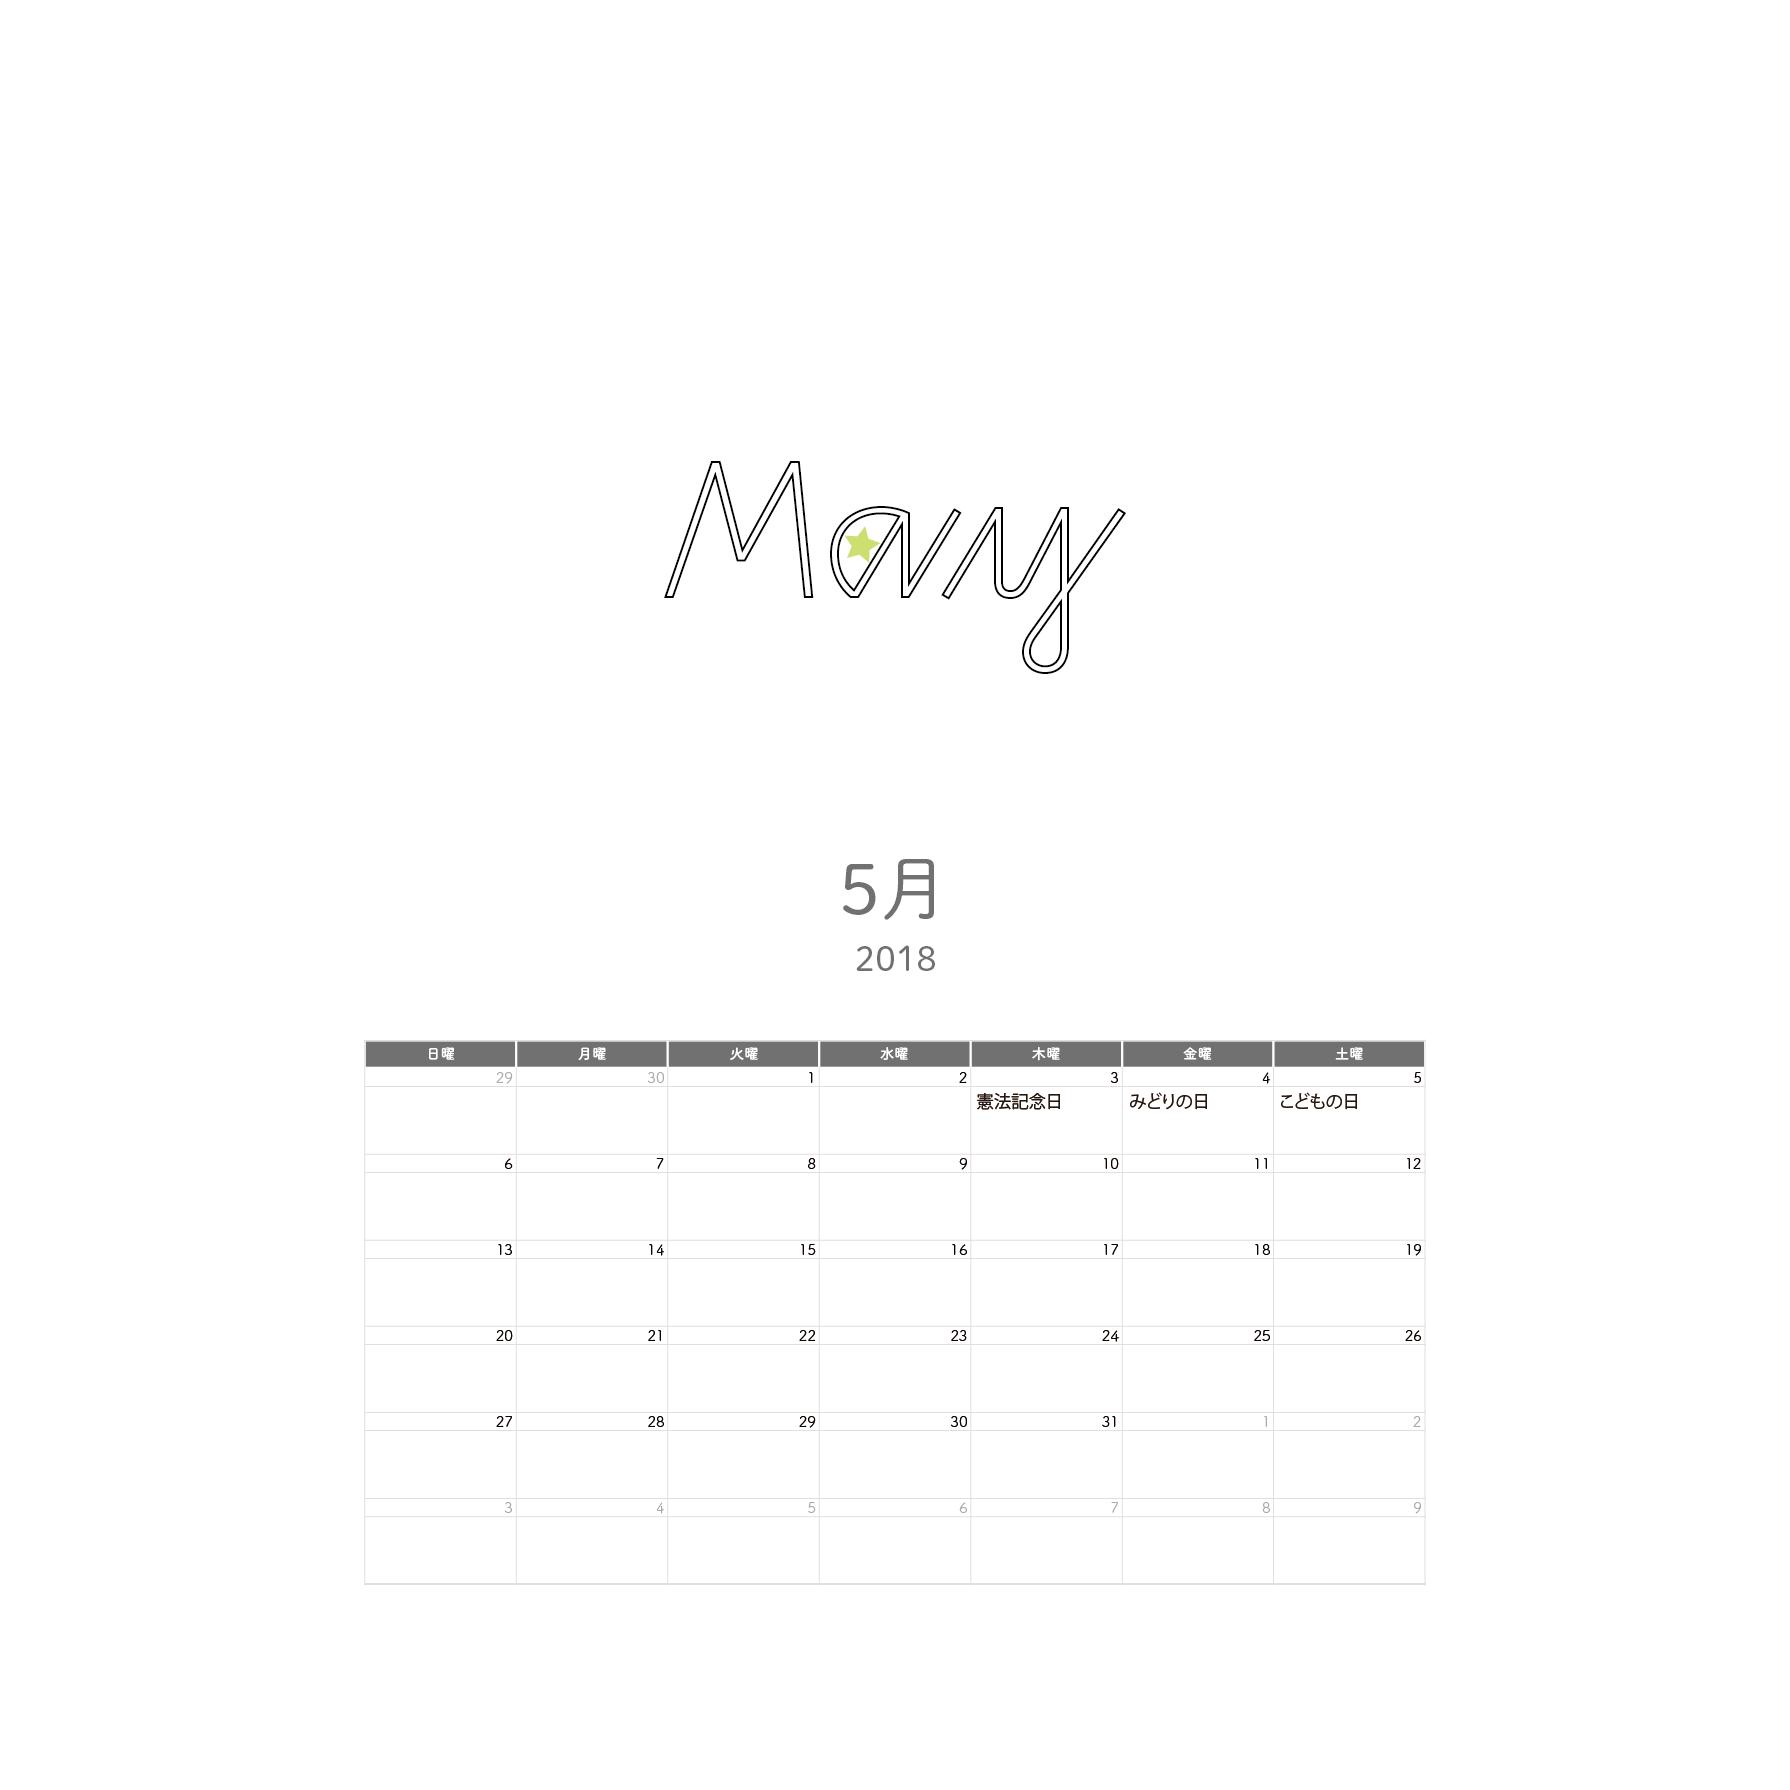 おしゃれ ♪ a4 カレンダー 2018 / 5月のフリー素材 イラスト   商用